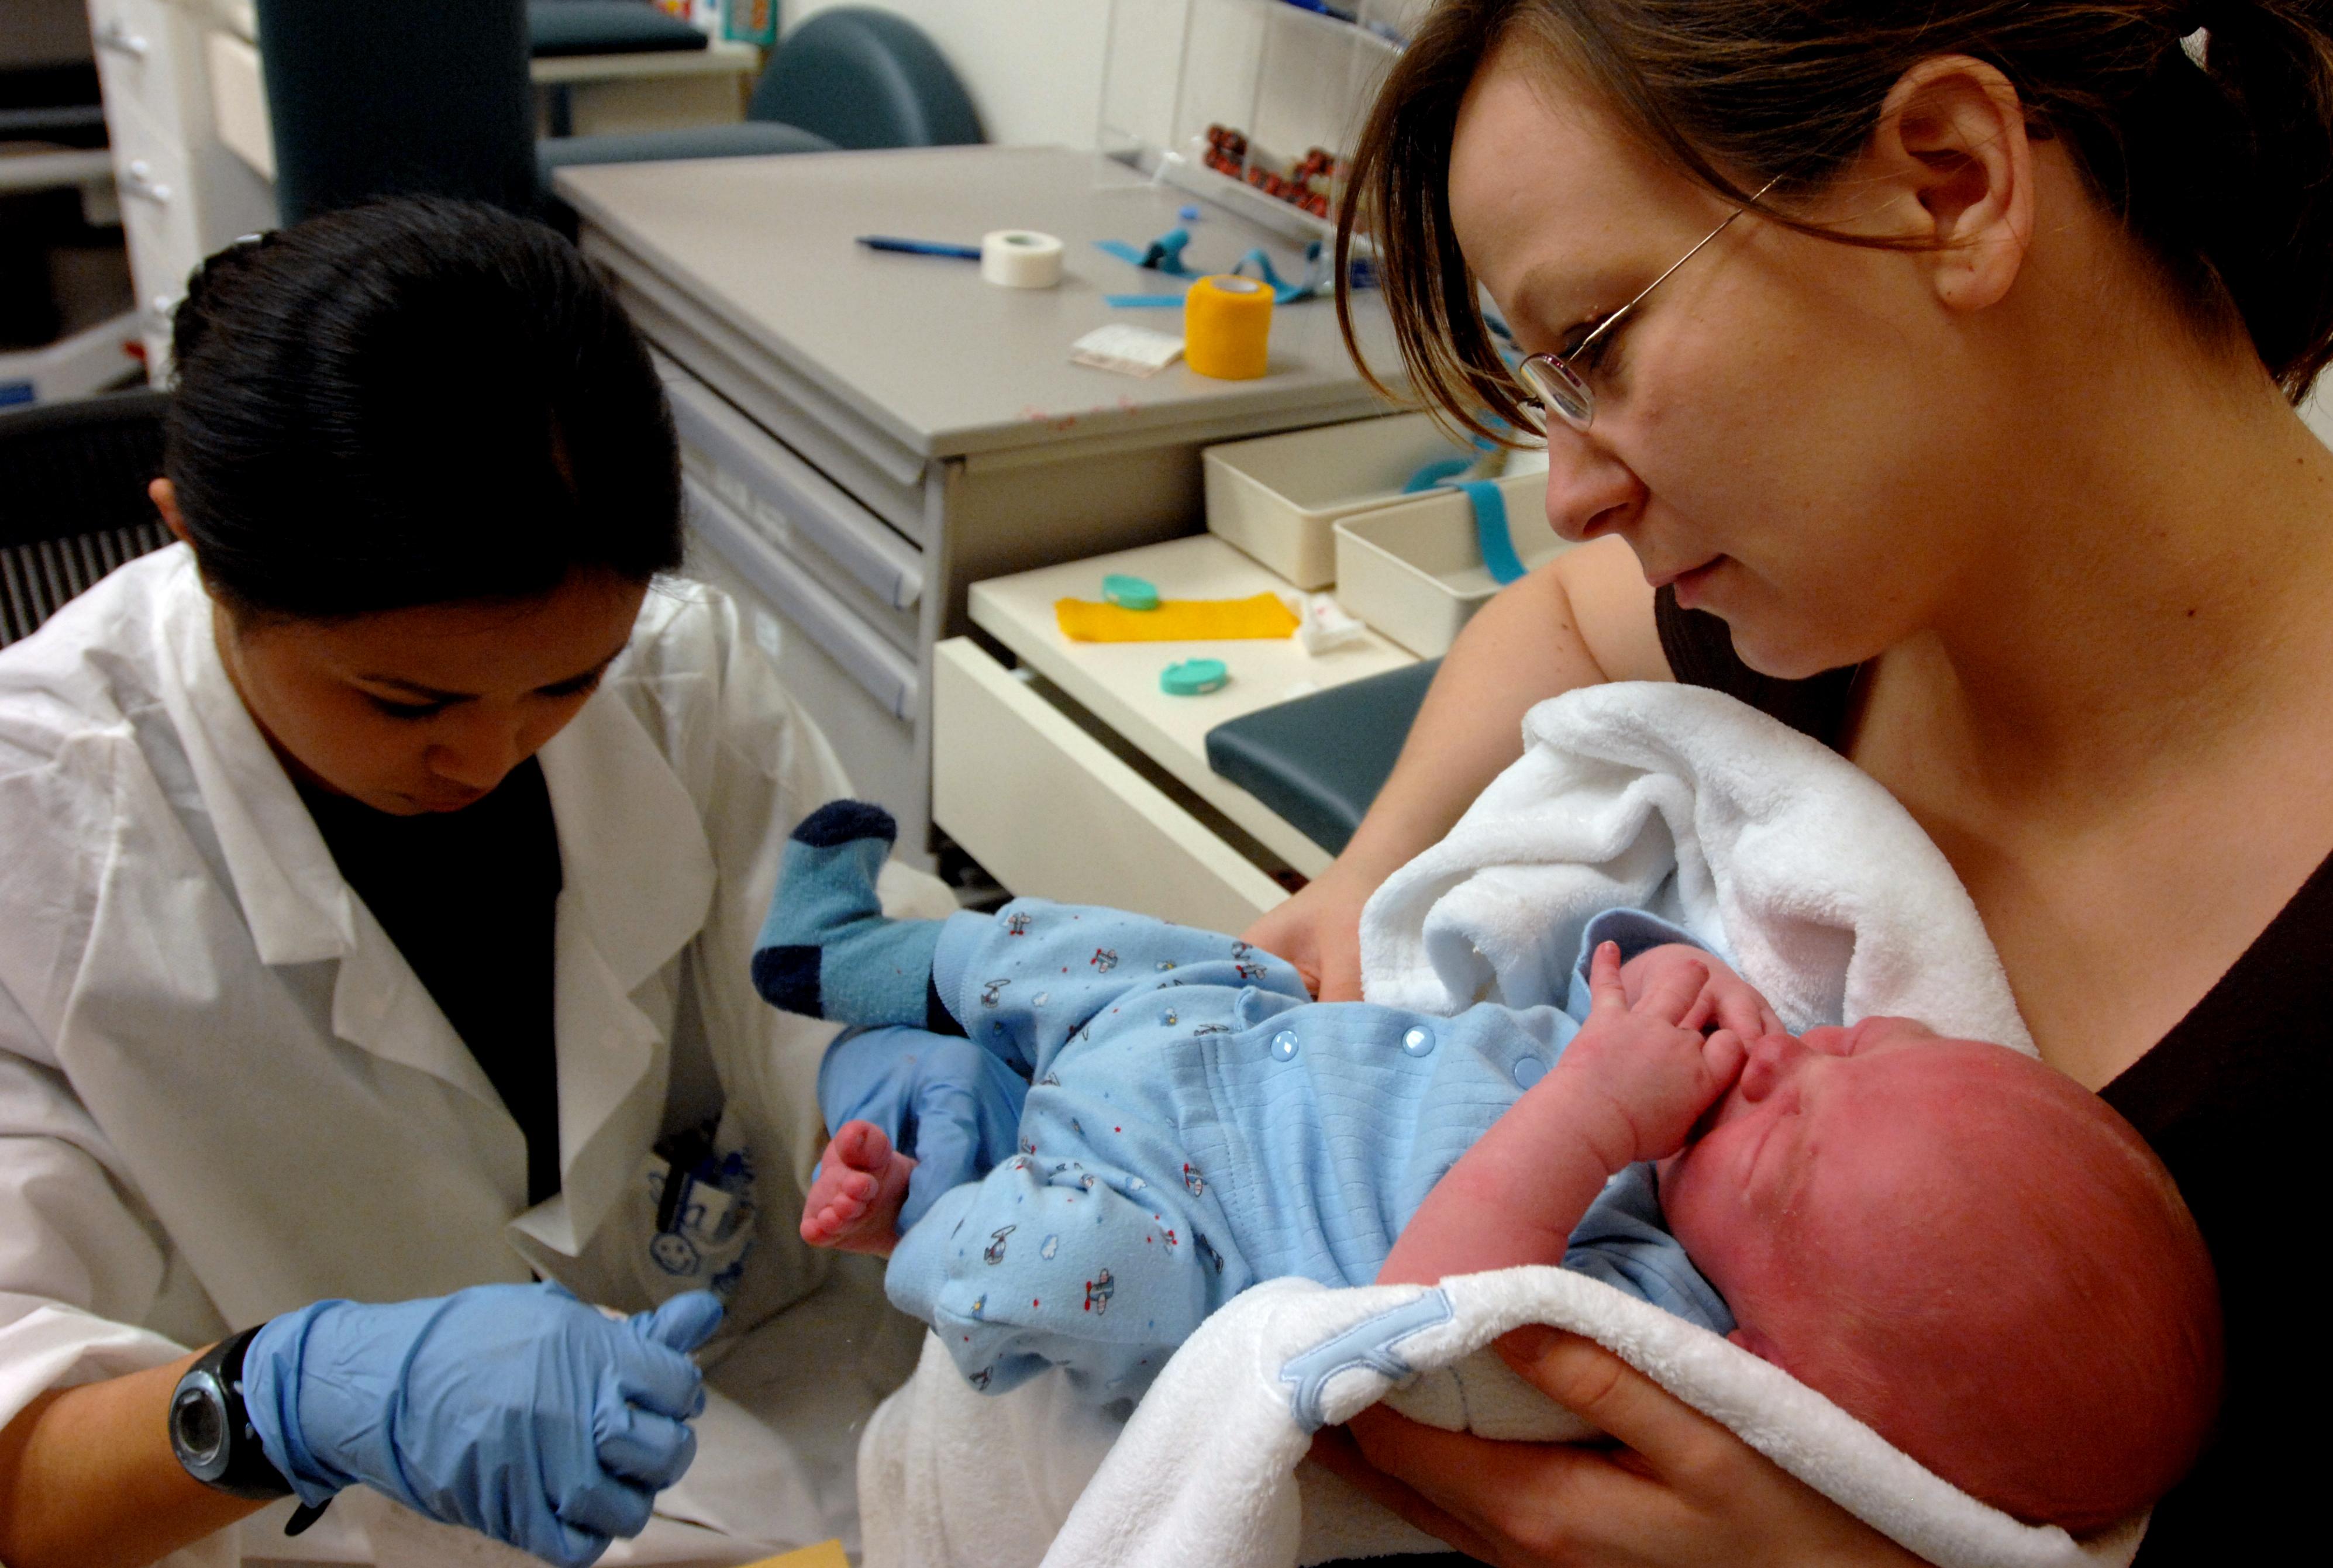 """Lekarze tuż po porodzie zakładają kobietom """"szew mężowski"""". Często ma bolesne konsekwencje"""